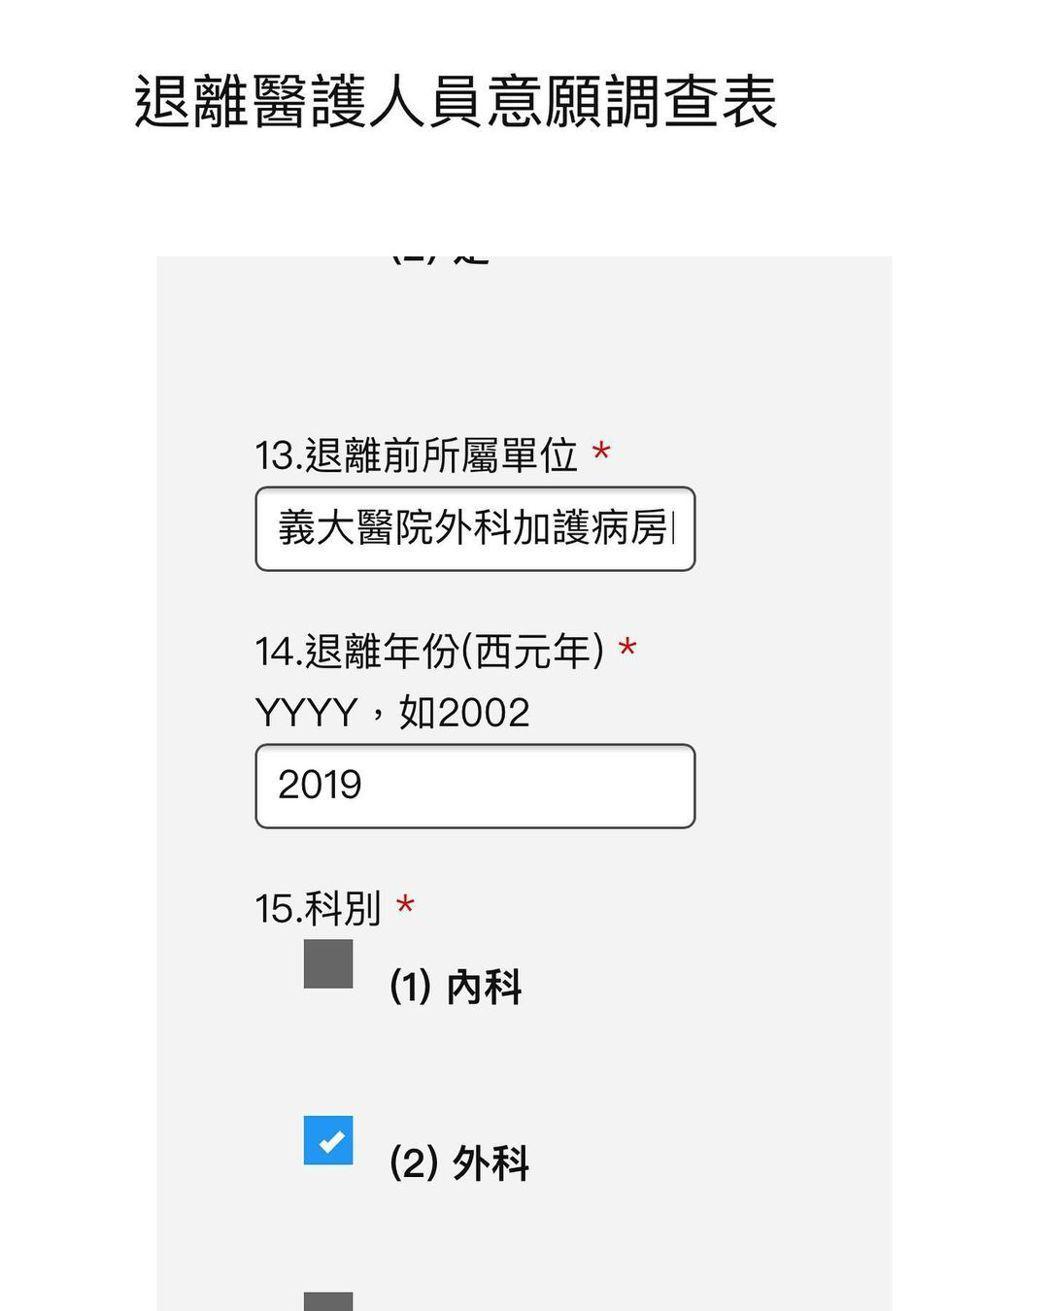 阿澎上網填寫退離職醫護人員意願調查表。 圖/擷自阿澎劉心語IG